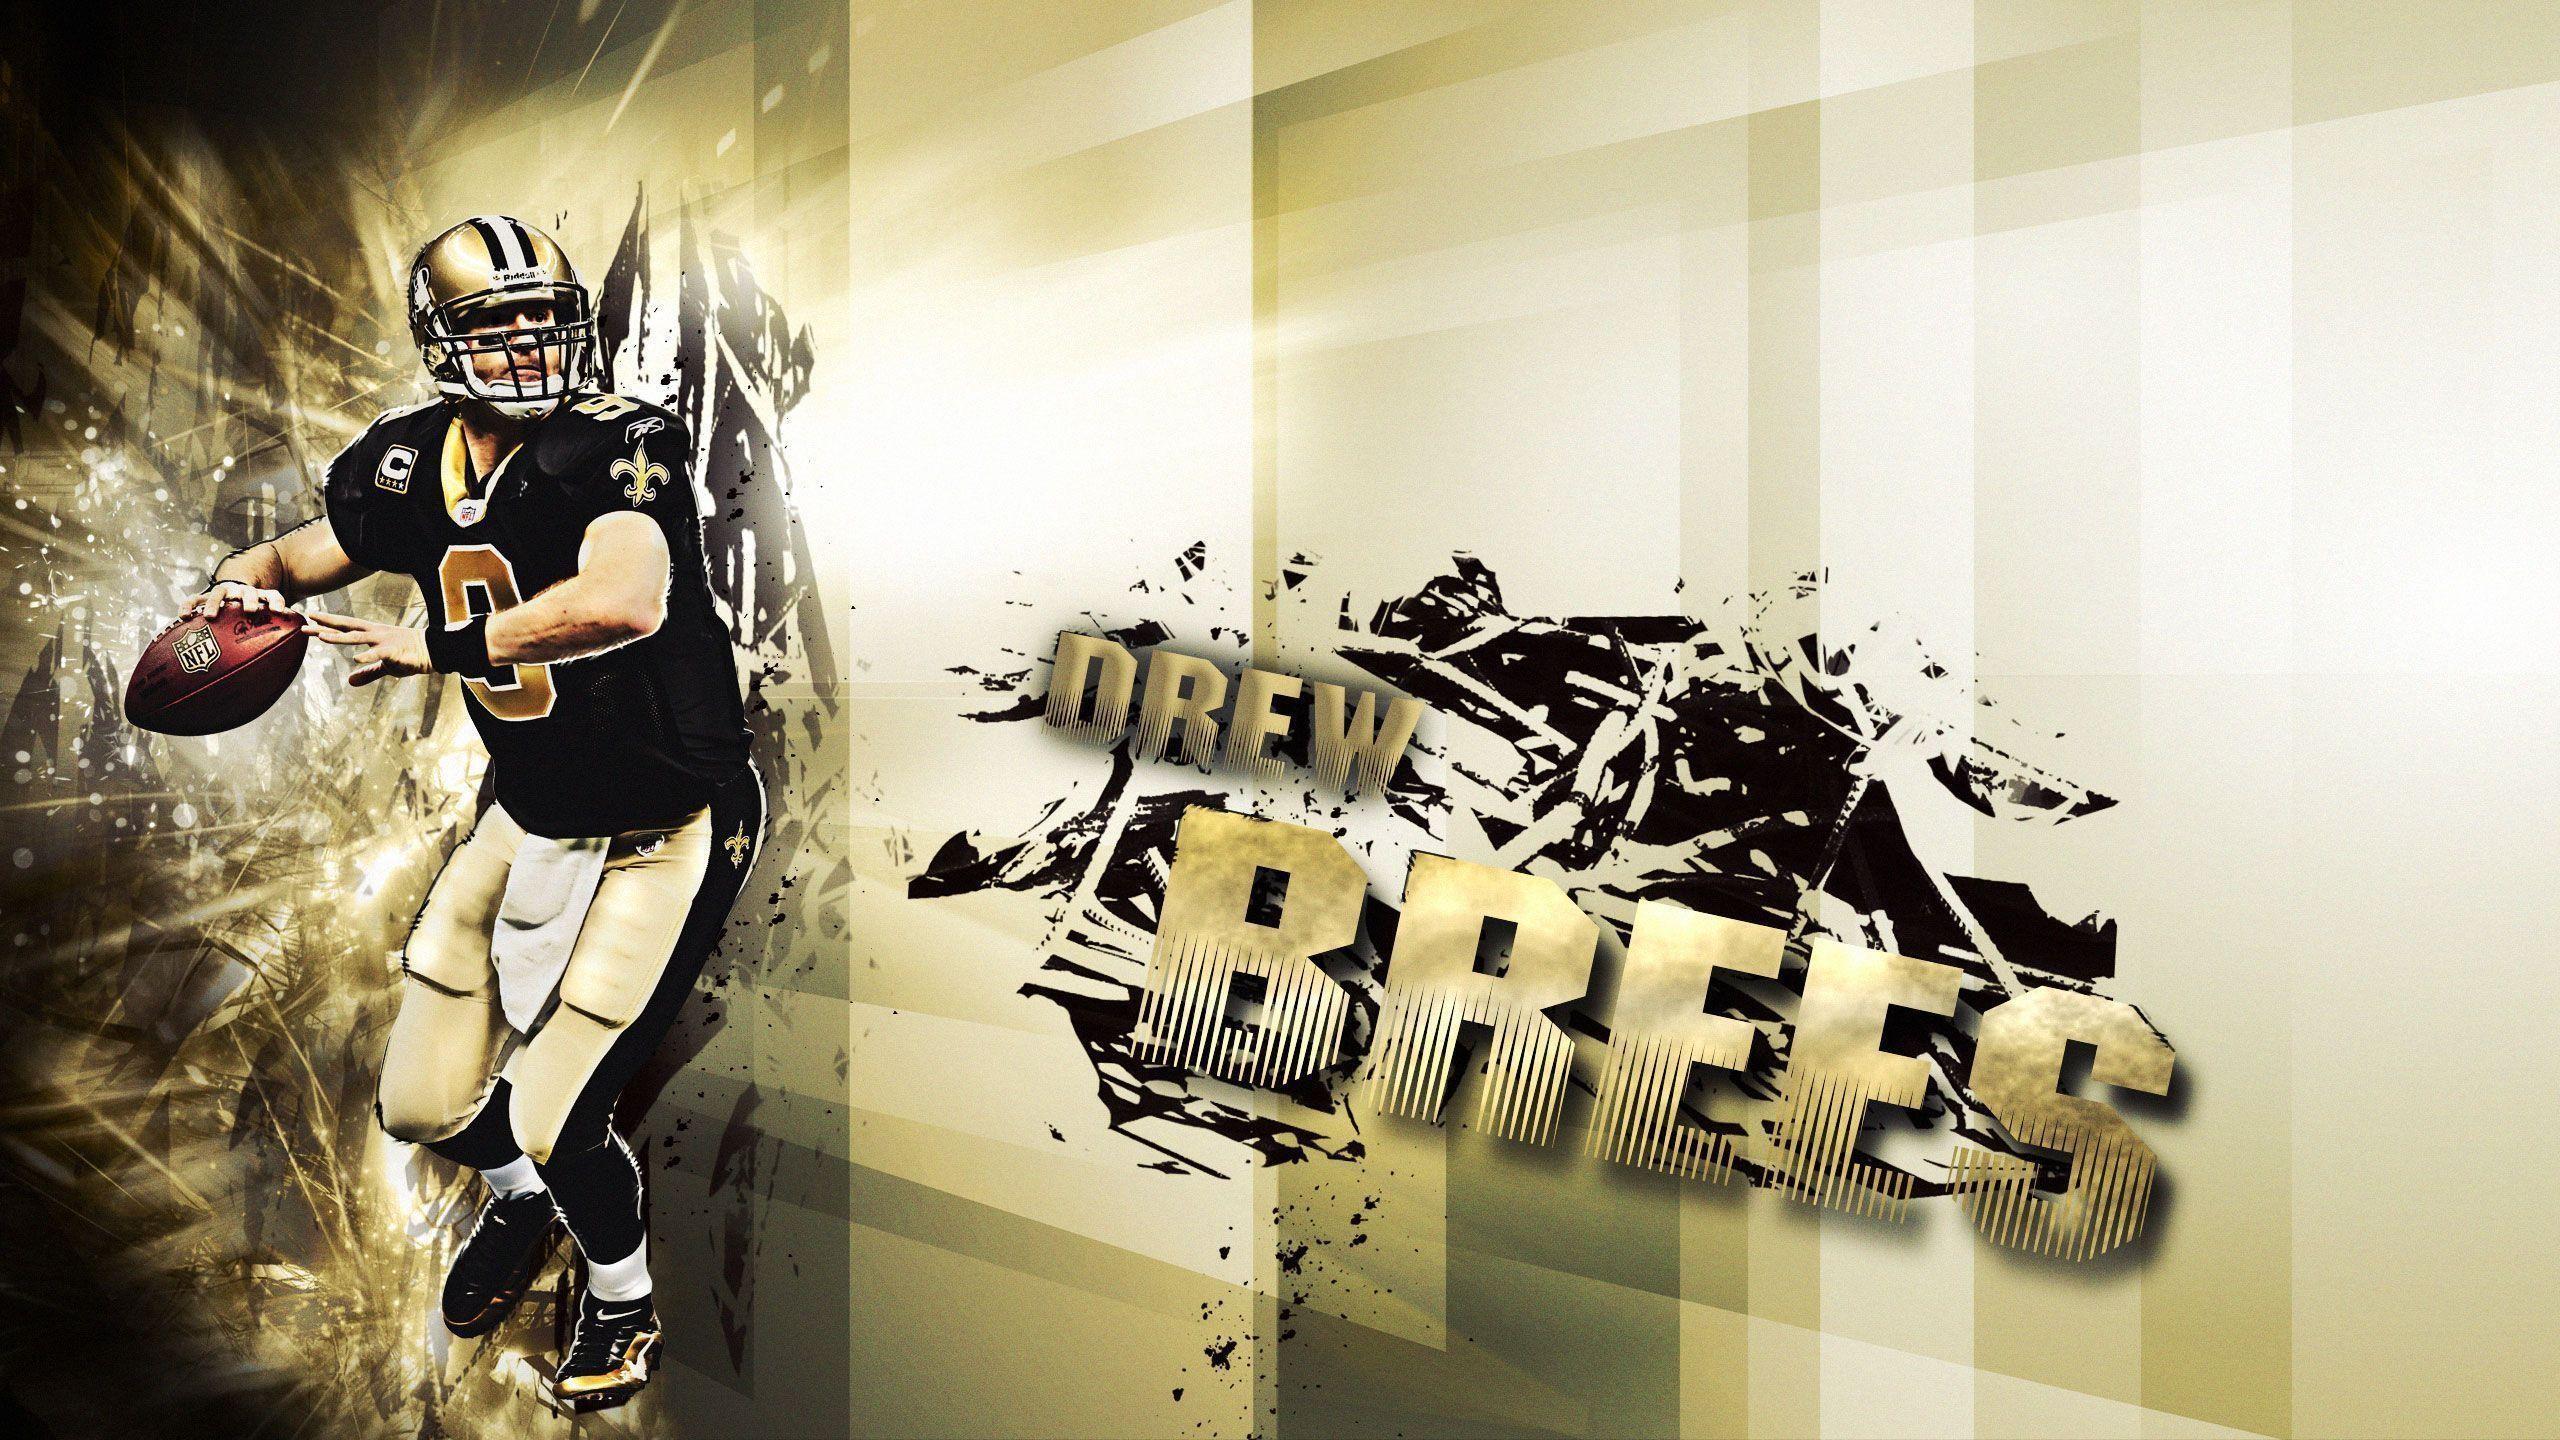 Drew Brees HD Wallpaper – WallpaperSafari